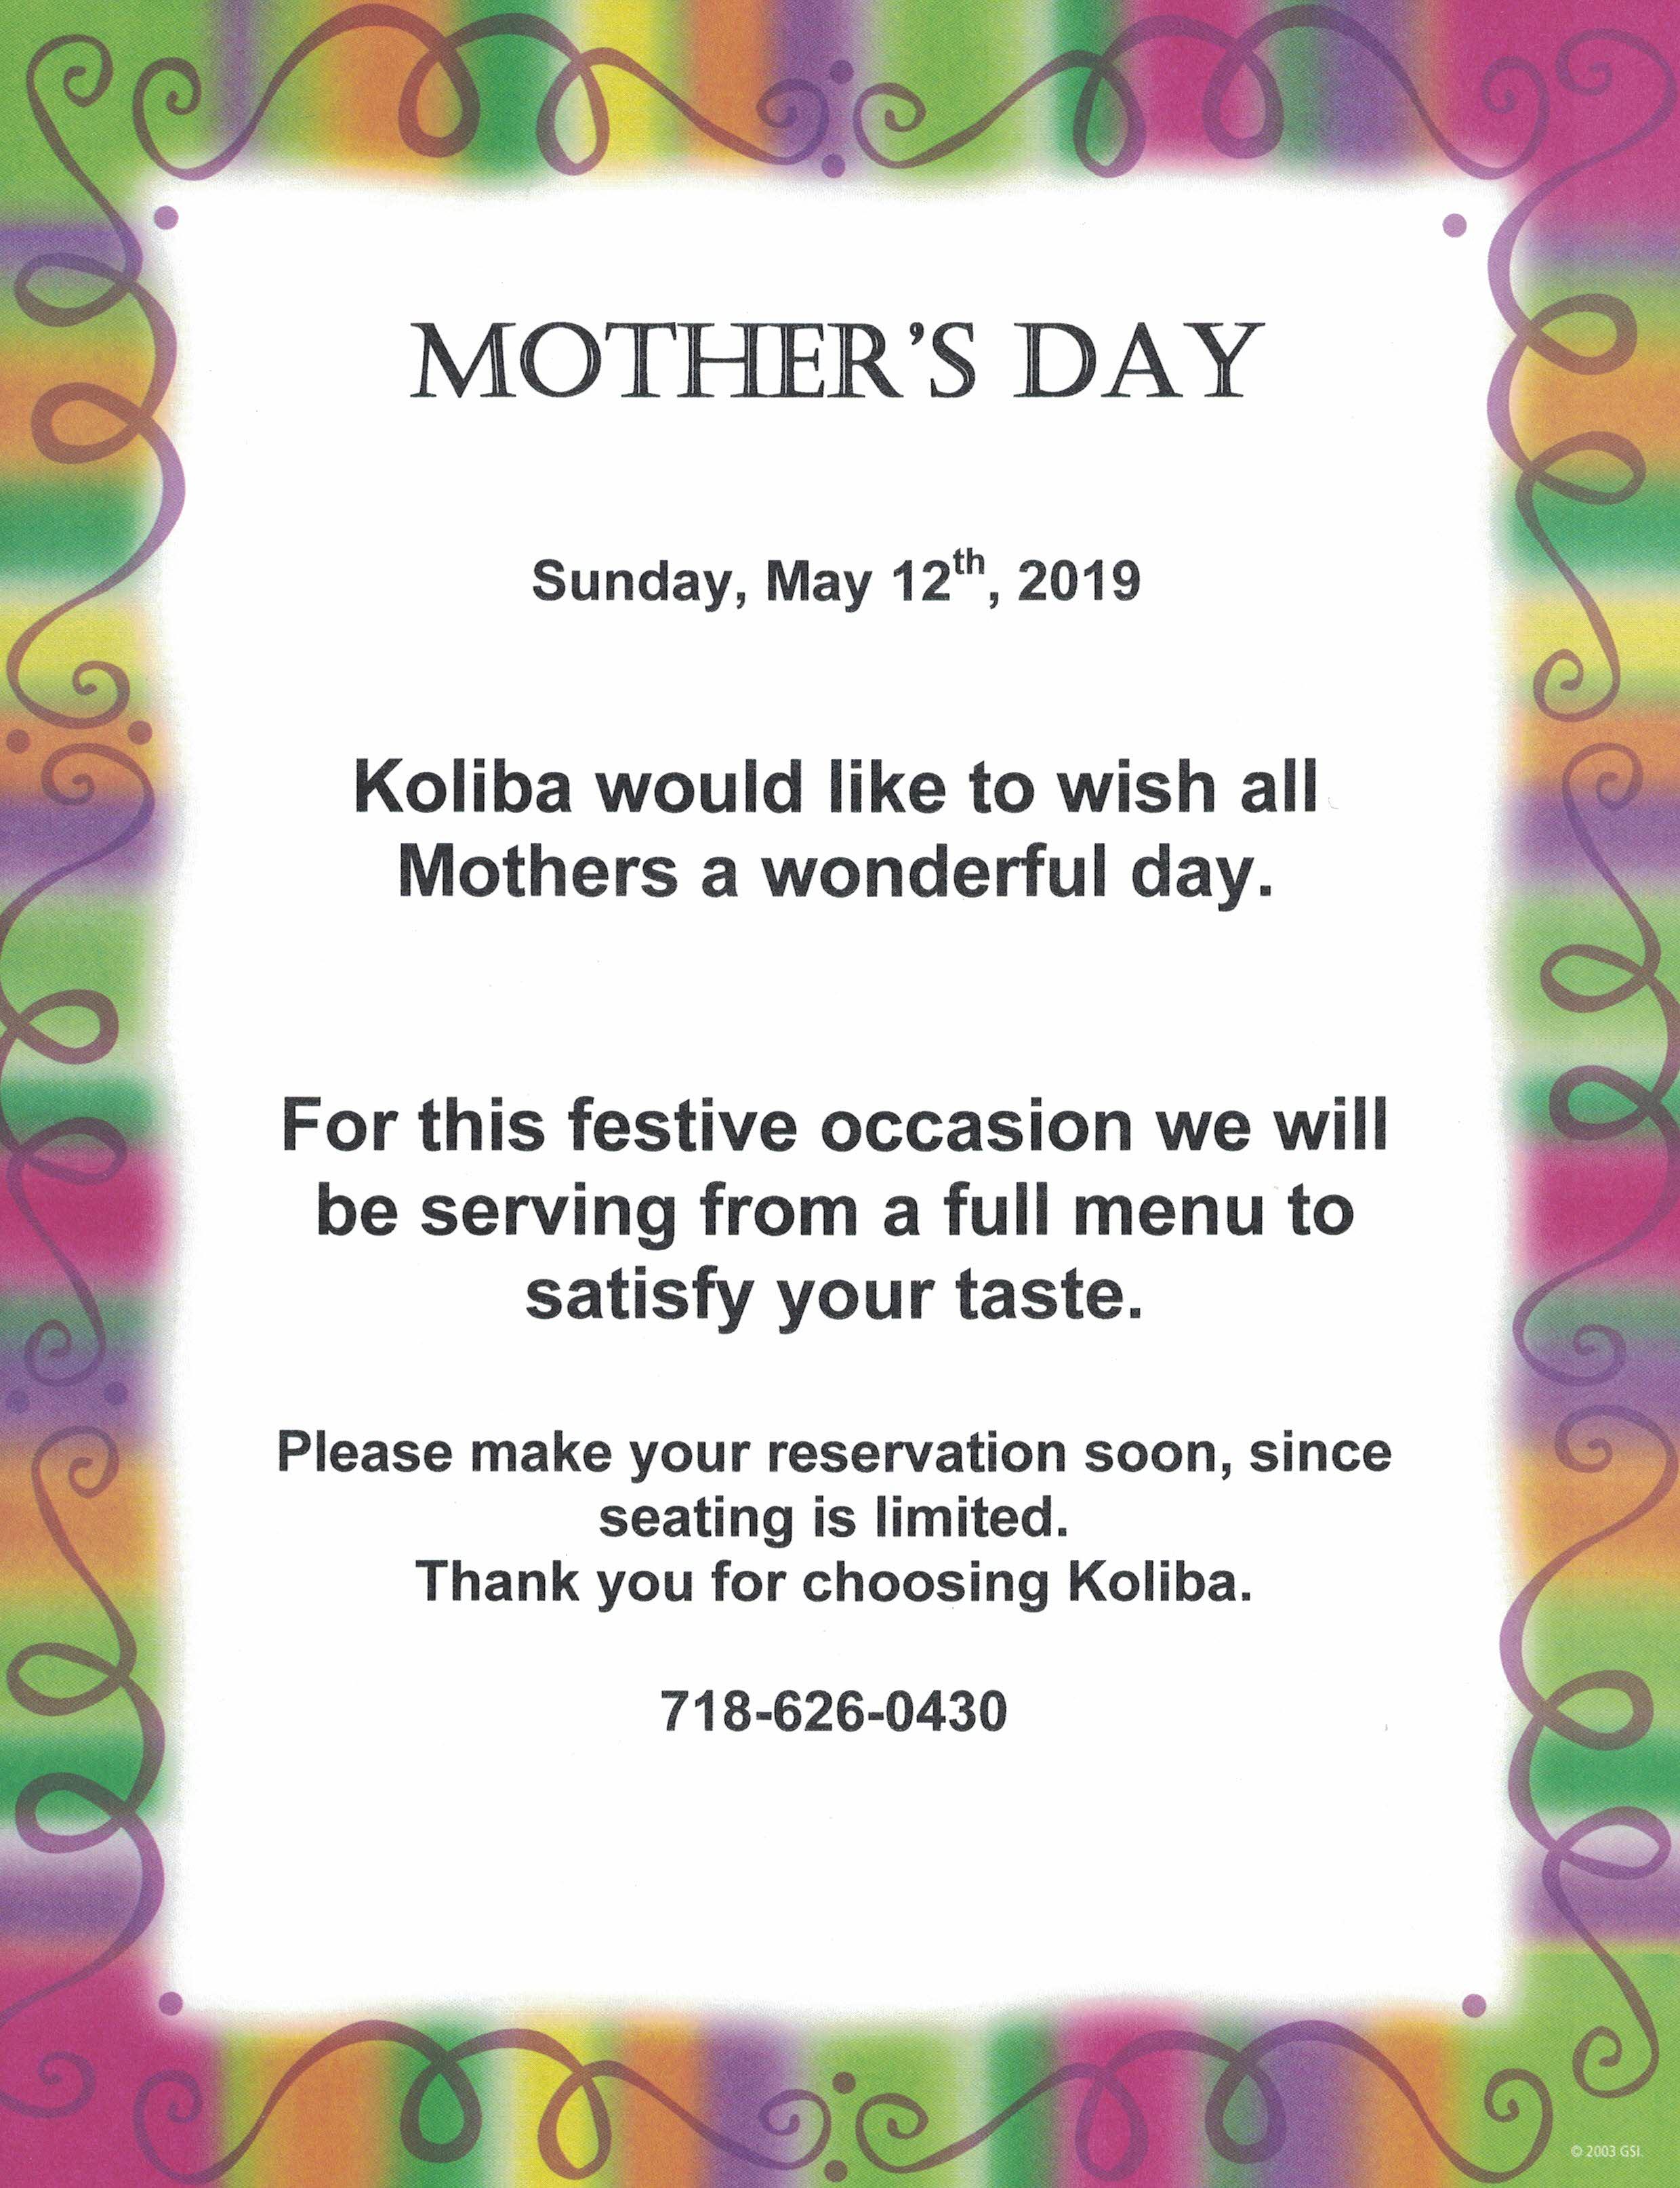 mom's day 2019.jpg